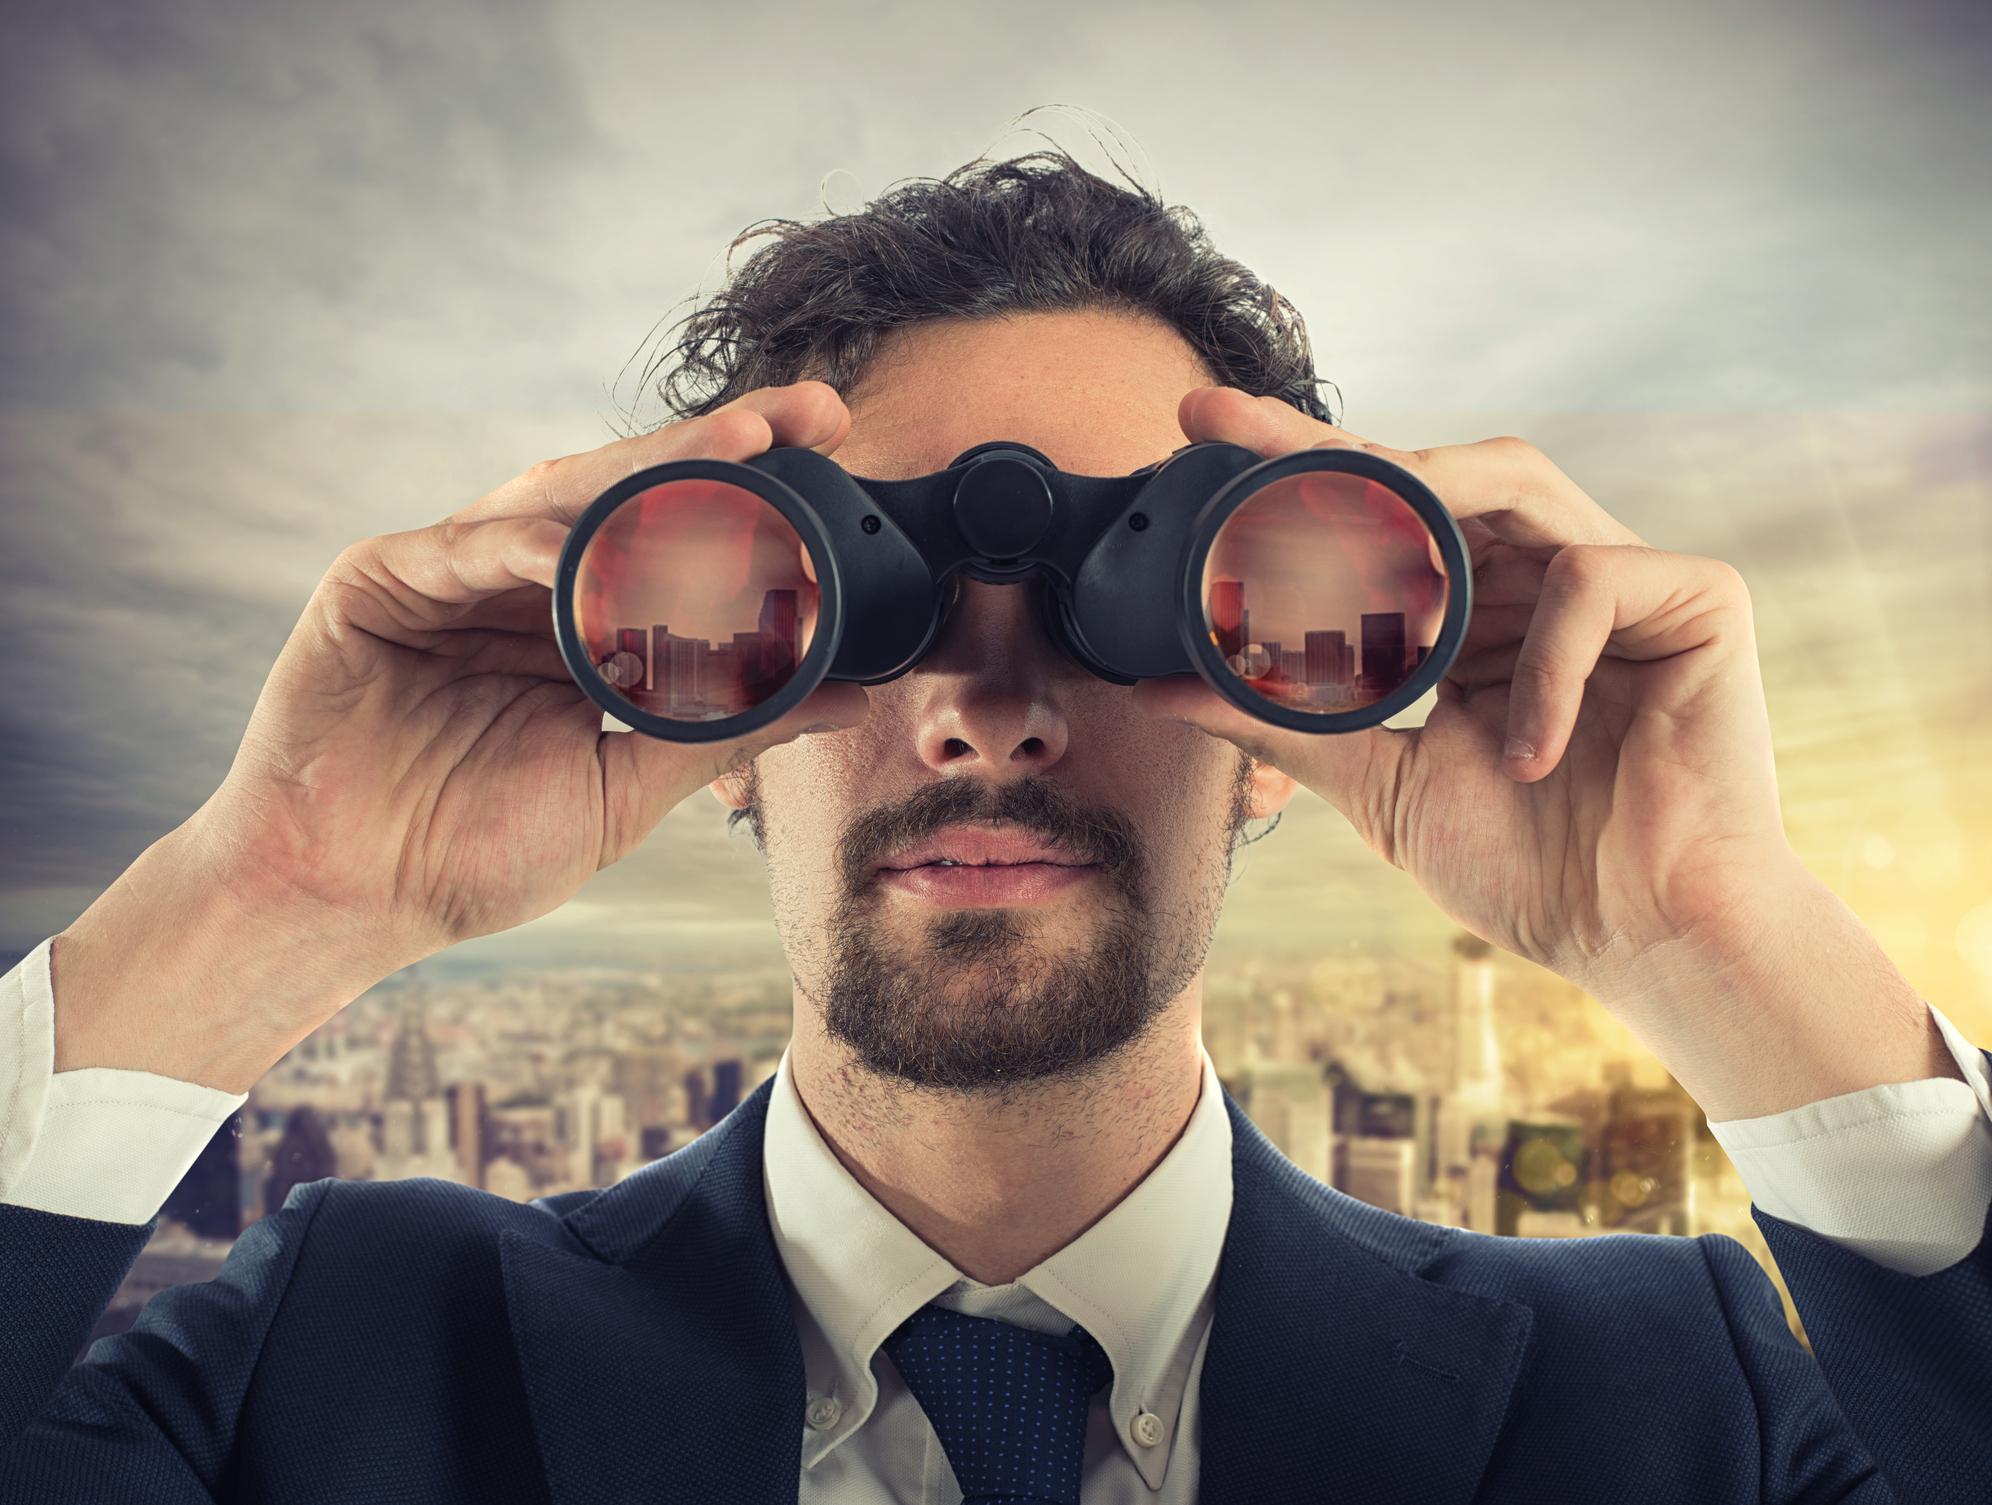 Guy in a suit looking through binoculars.